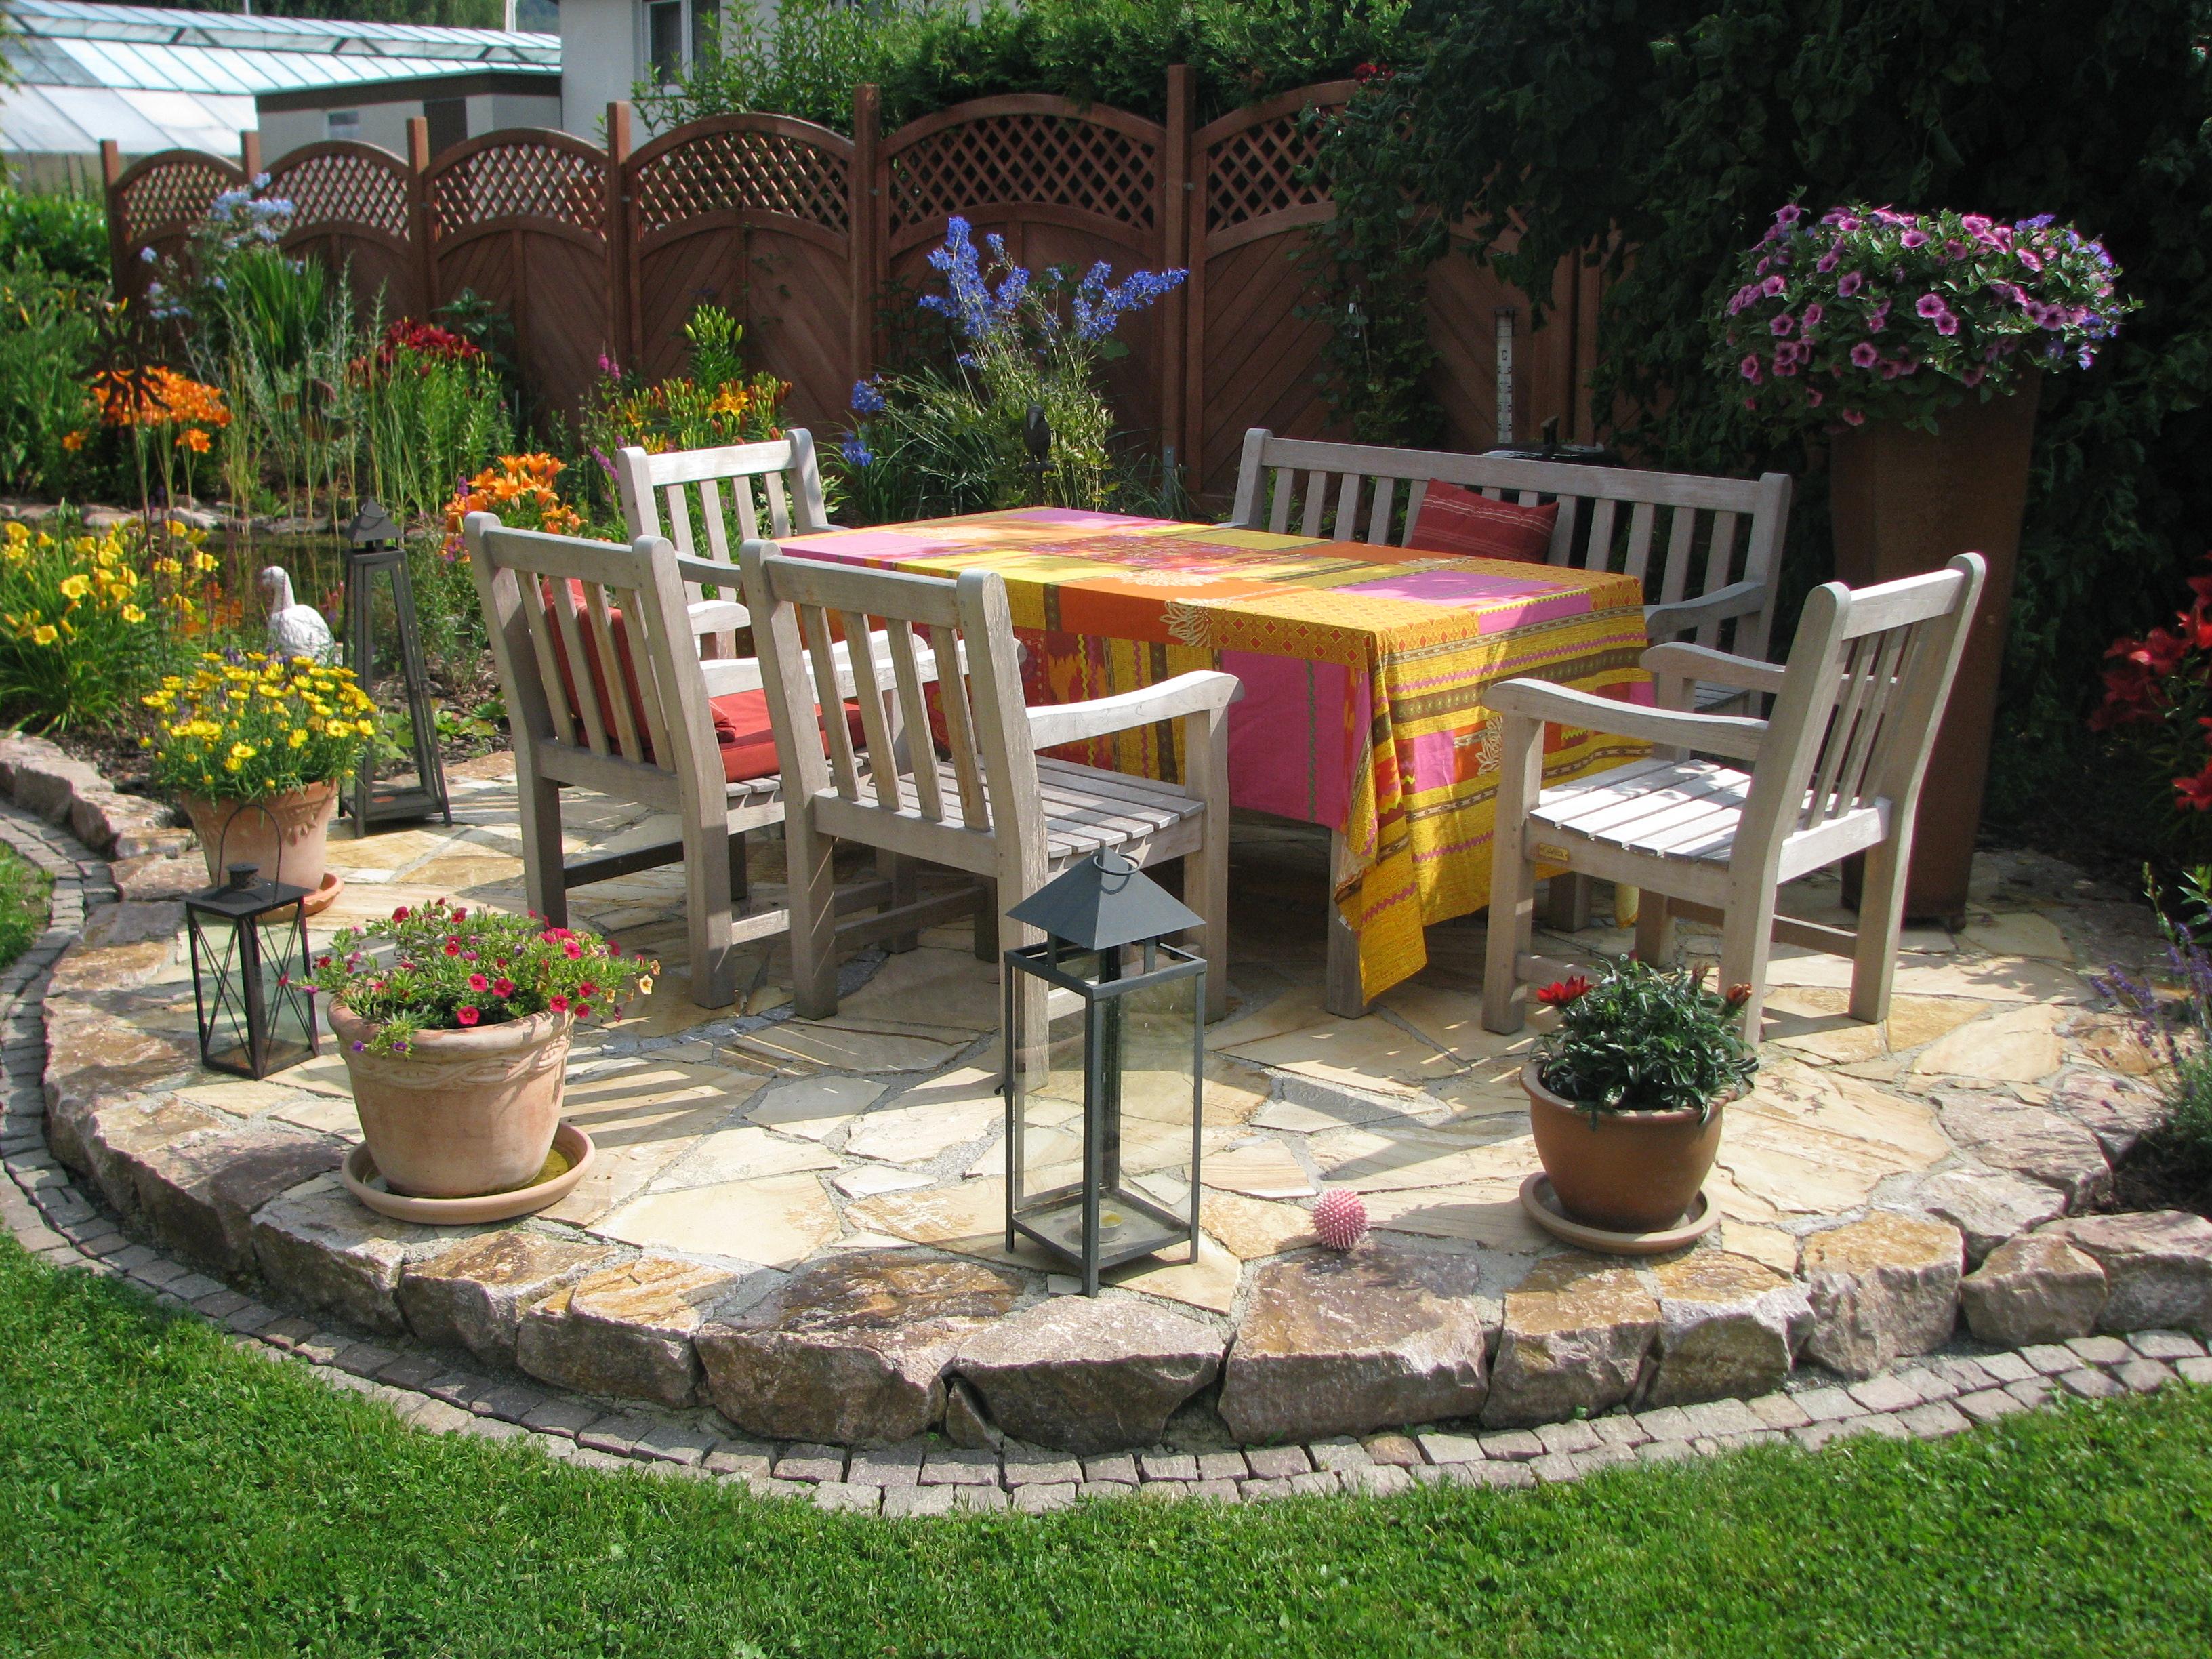 Gartengestaltung ideen terrasse for Gartengestaltung terrasse ideen